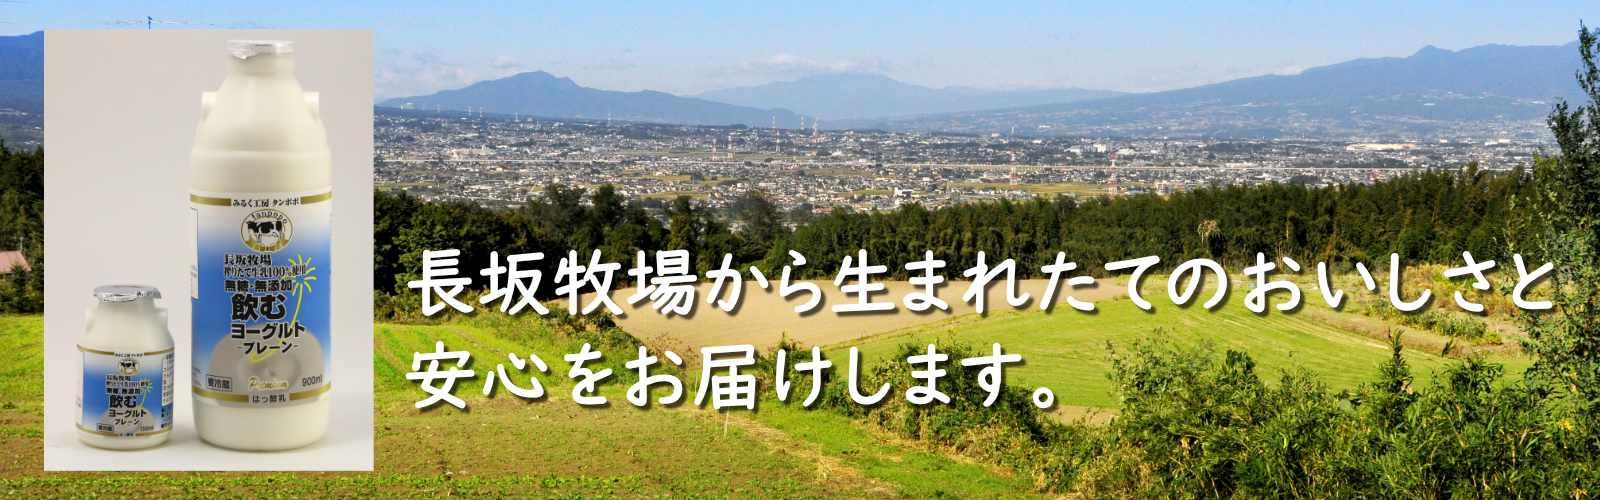 長坂牧場から生まれたてのおいしさと安心をお届けします。